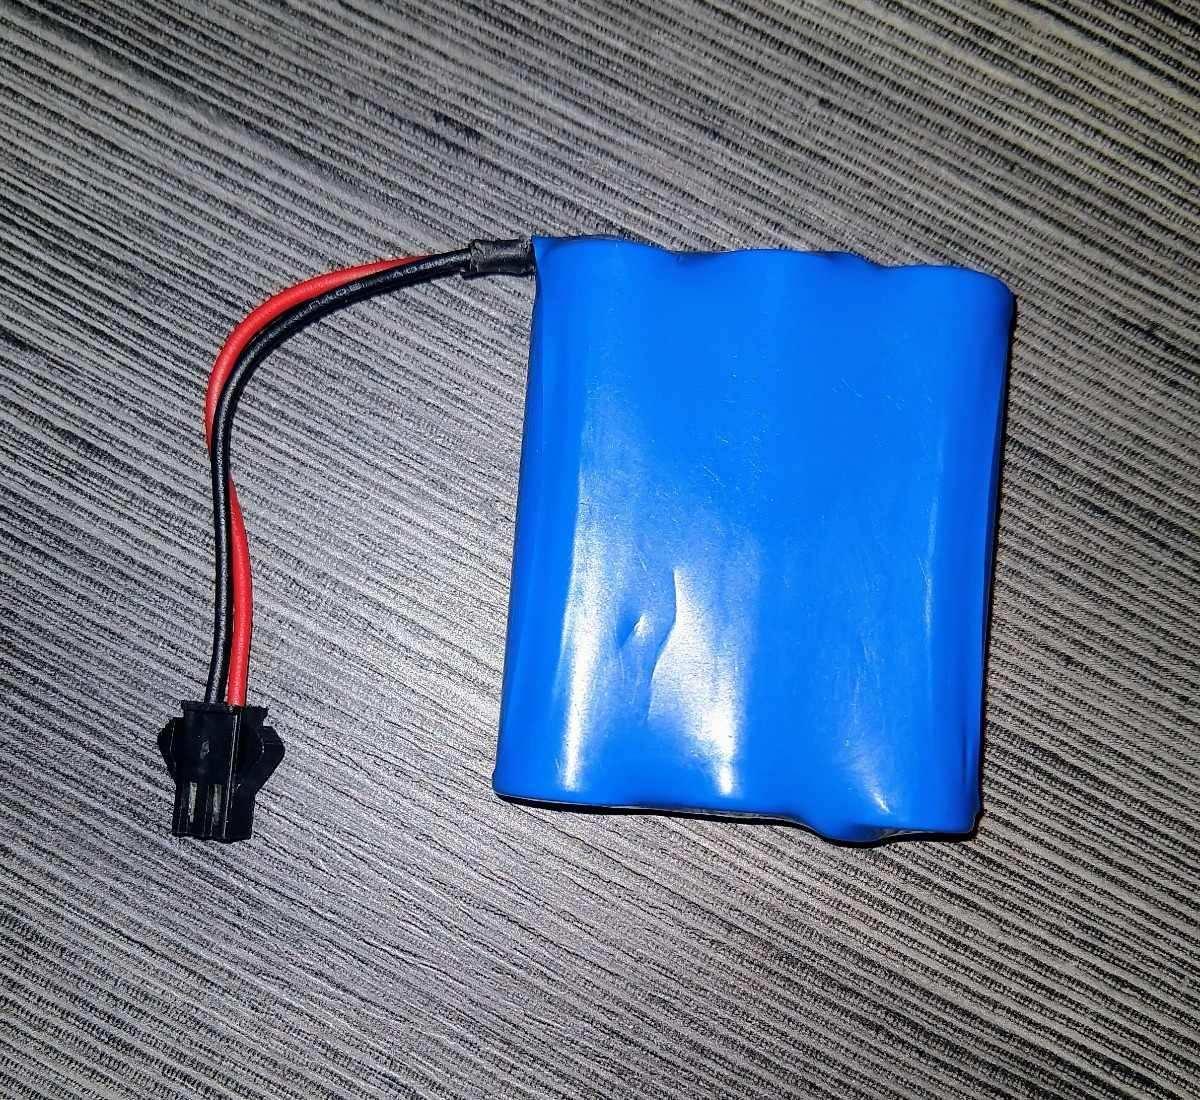 Bateria Ni-cd Aa 500mah 3.6v P/ Carrinhos De Controle Remoto